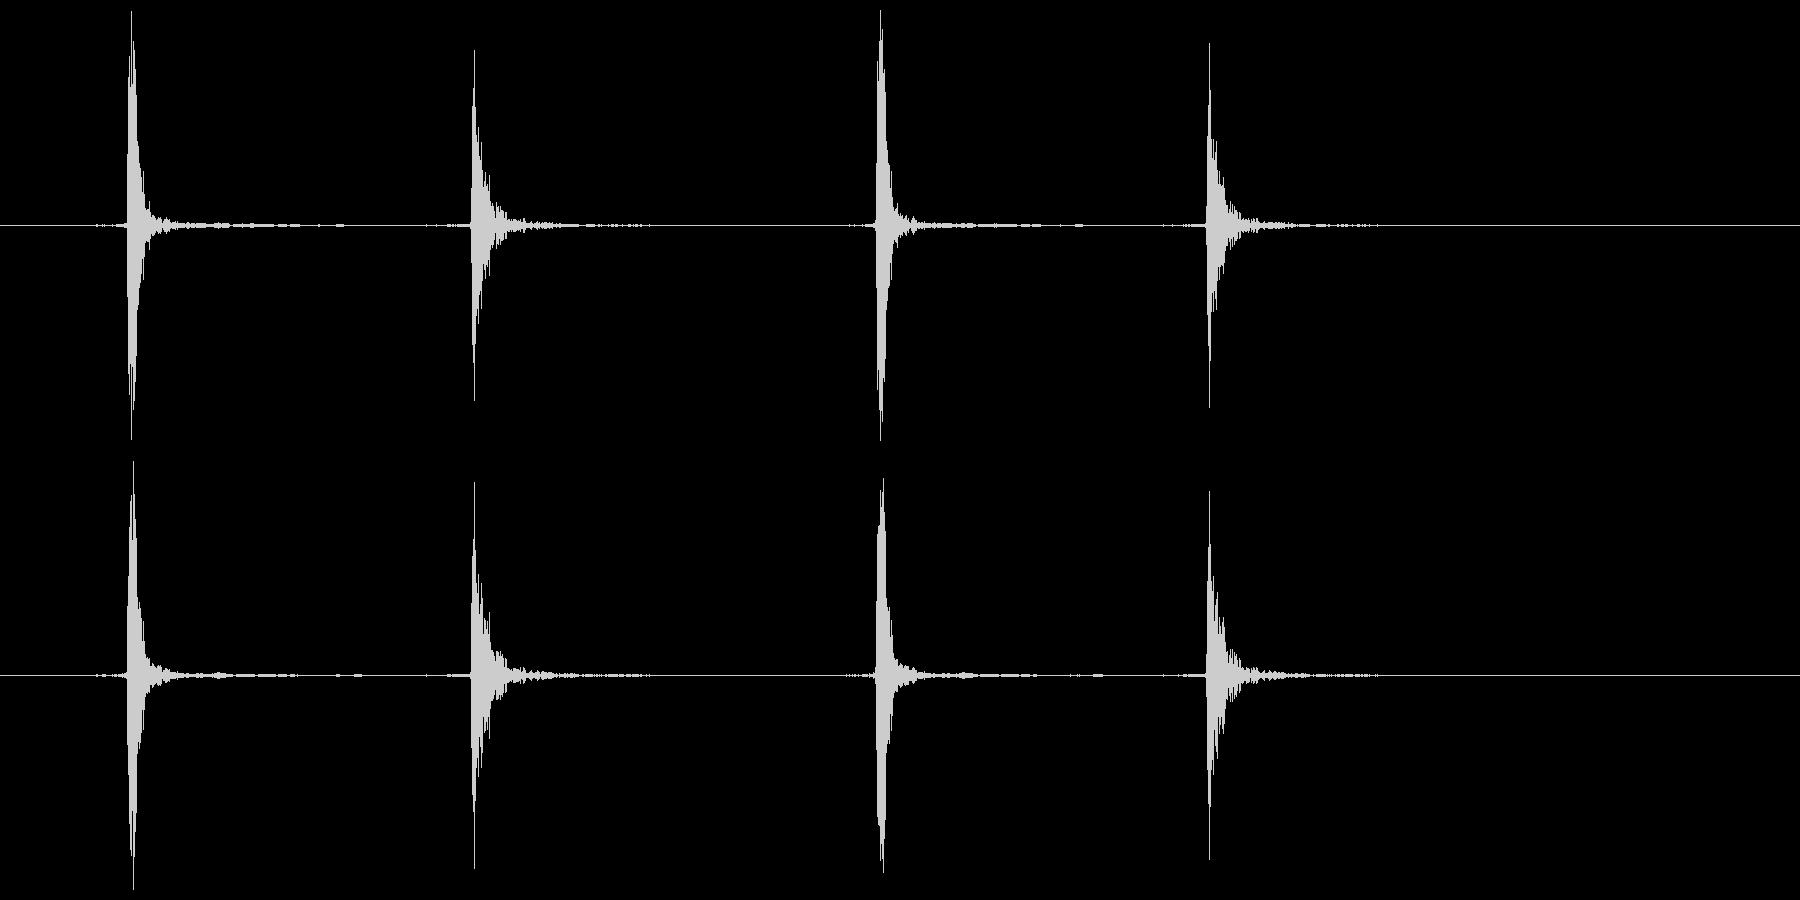 マウスのダブルクリック  (カチカチッ)の未再生の波形